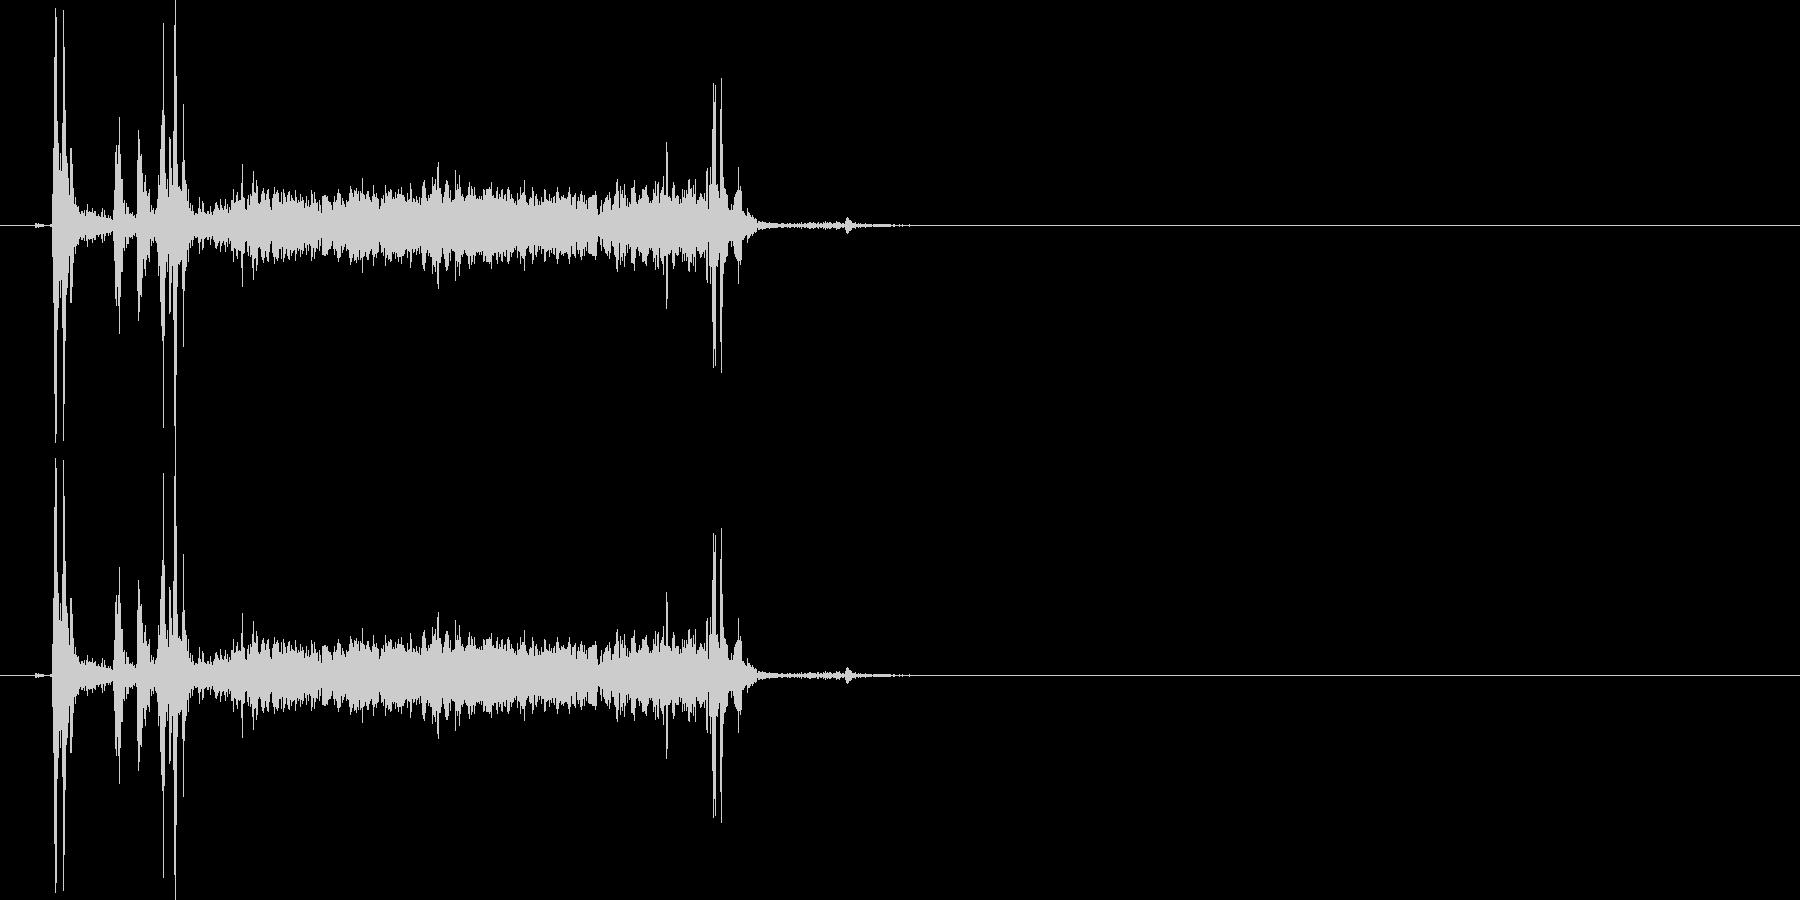 カメラのシャッター音 カシャウイーンの未再生の波形